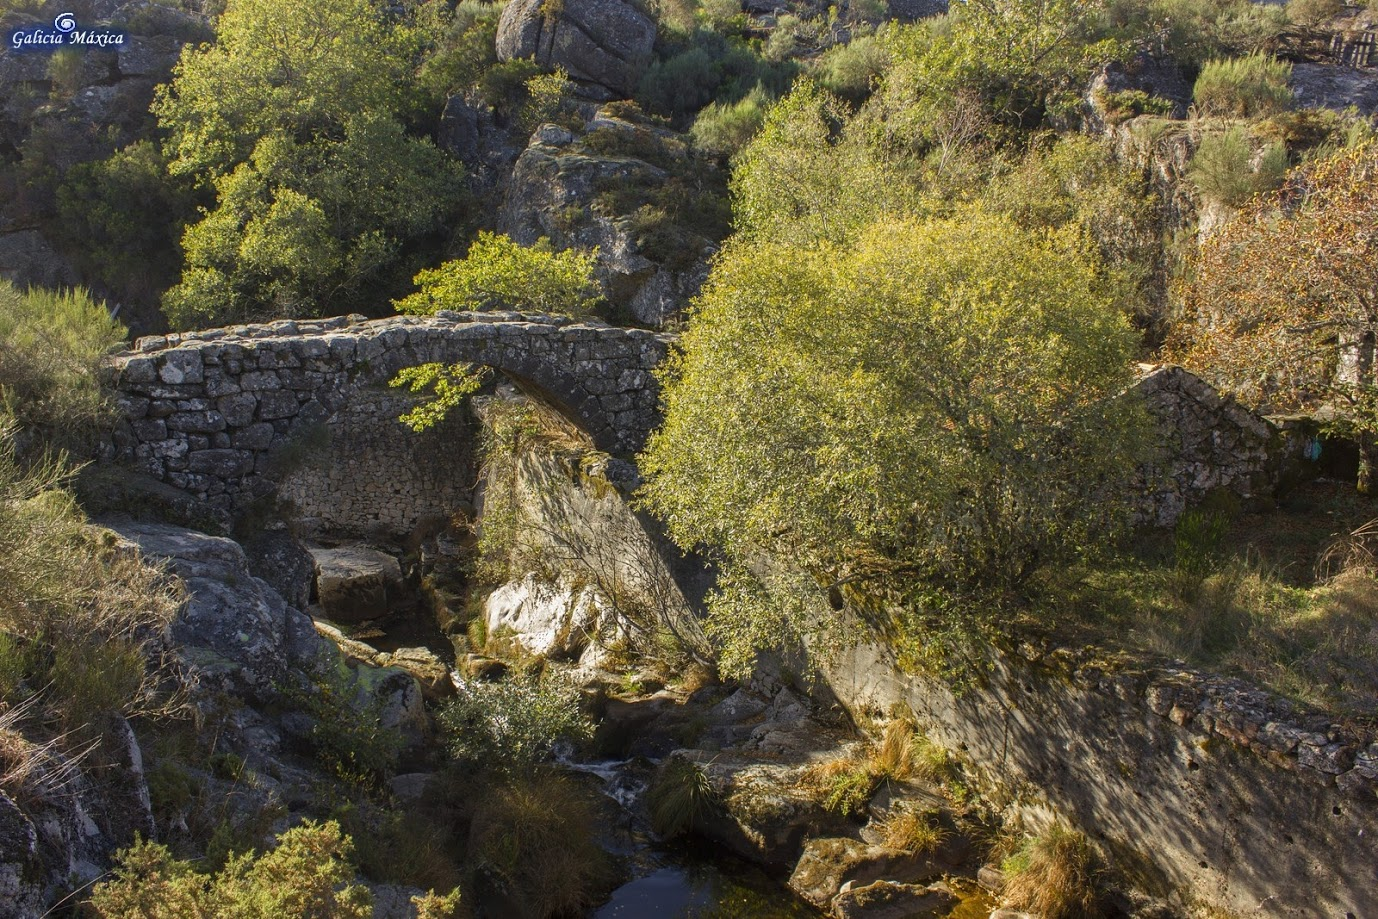 Ponte Velha de Castro Laboreiro